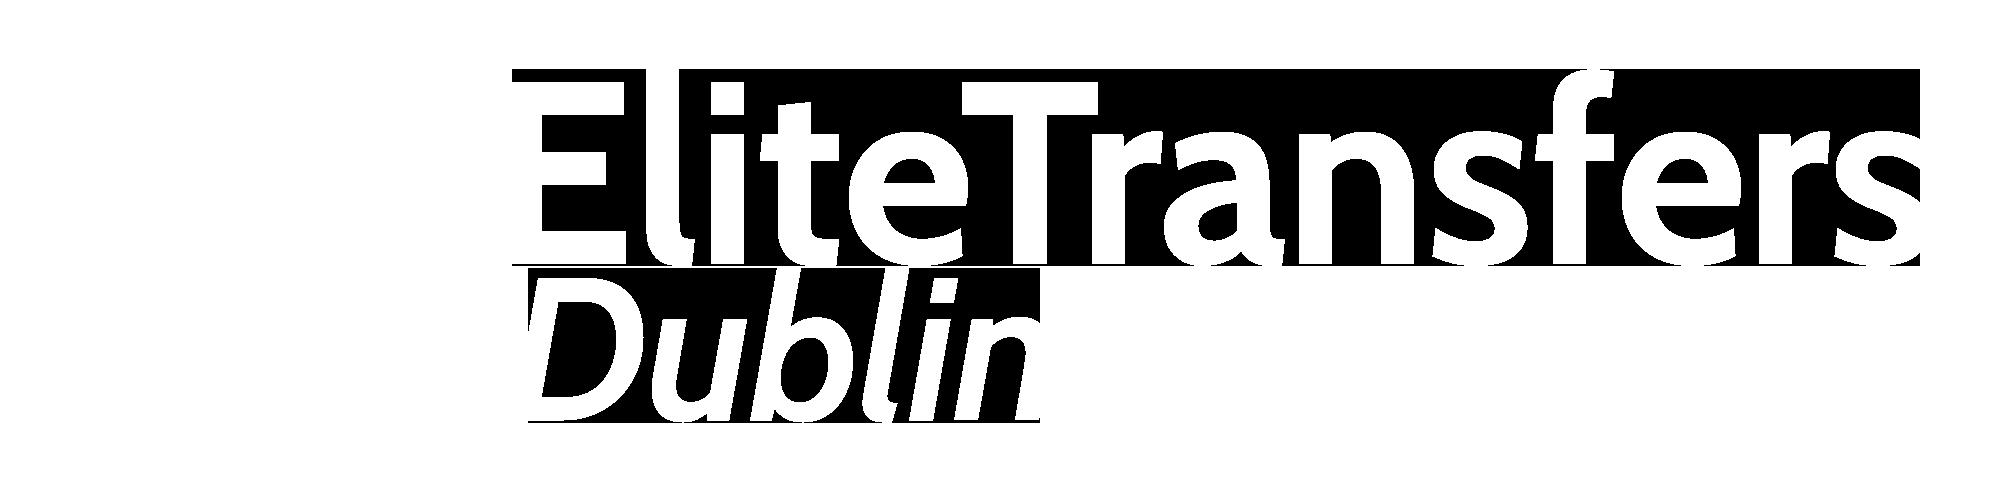 Elite Transfers